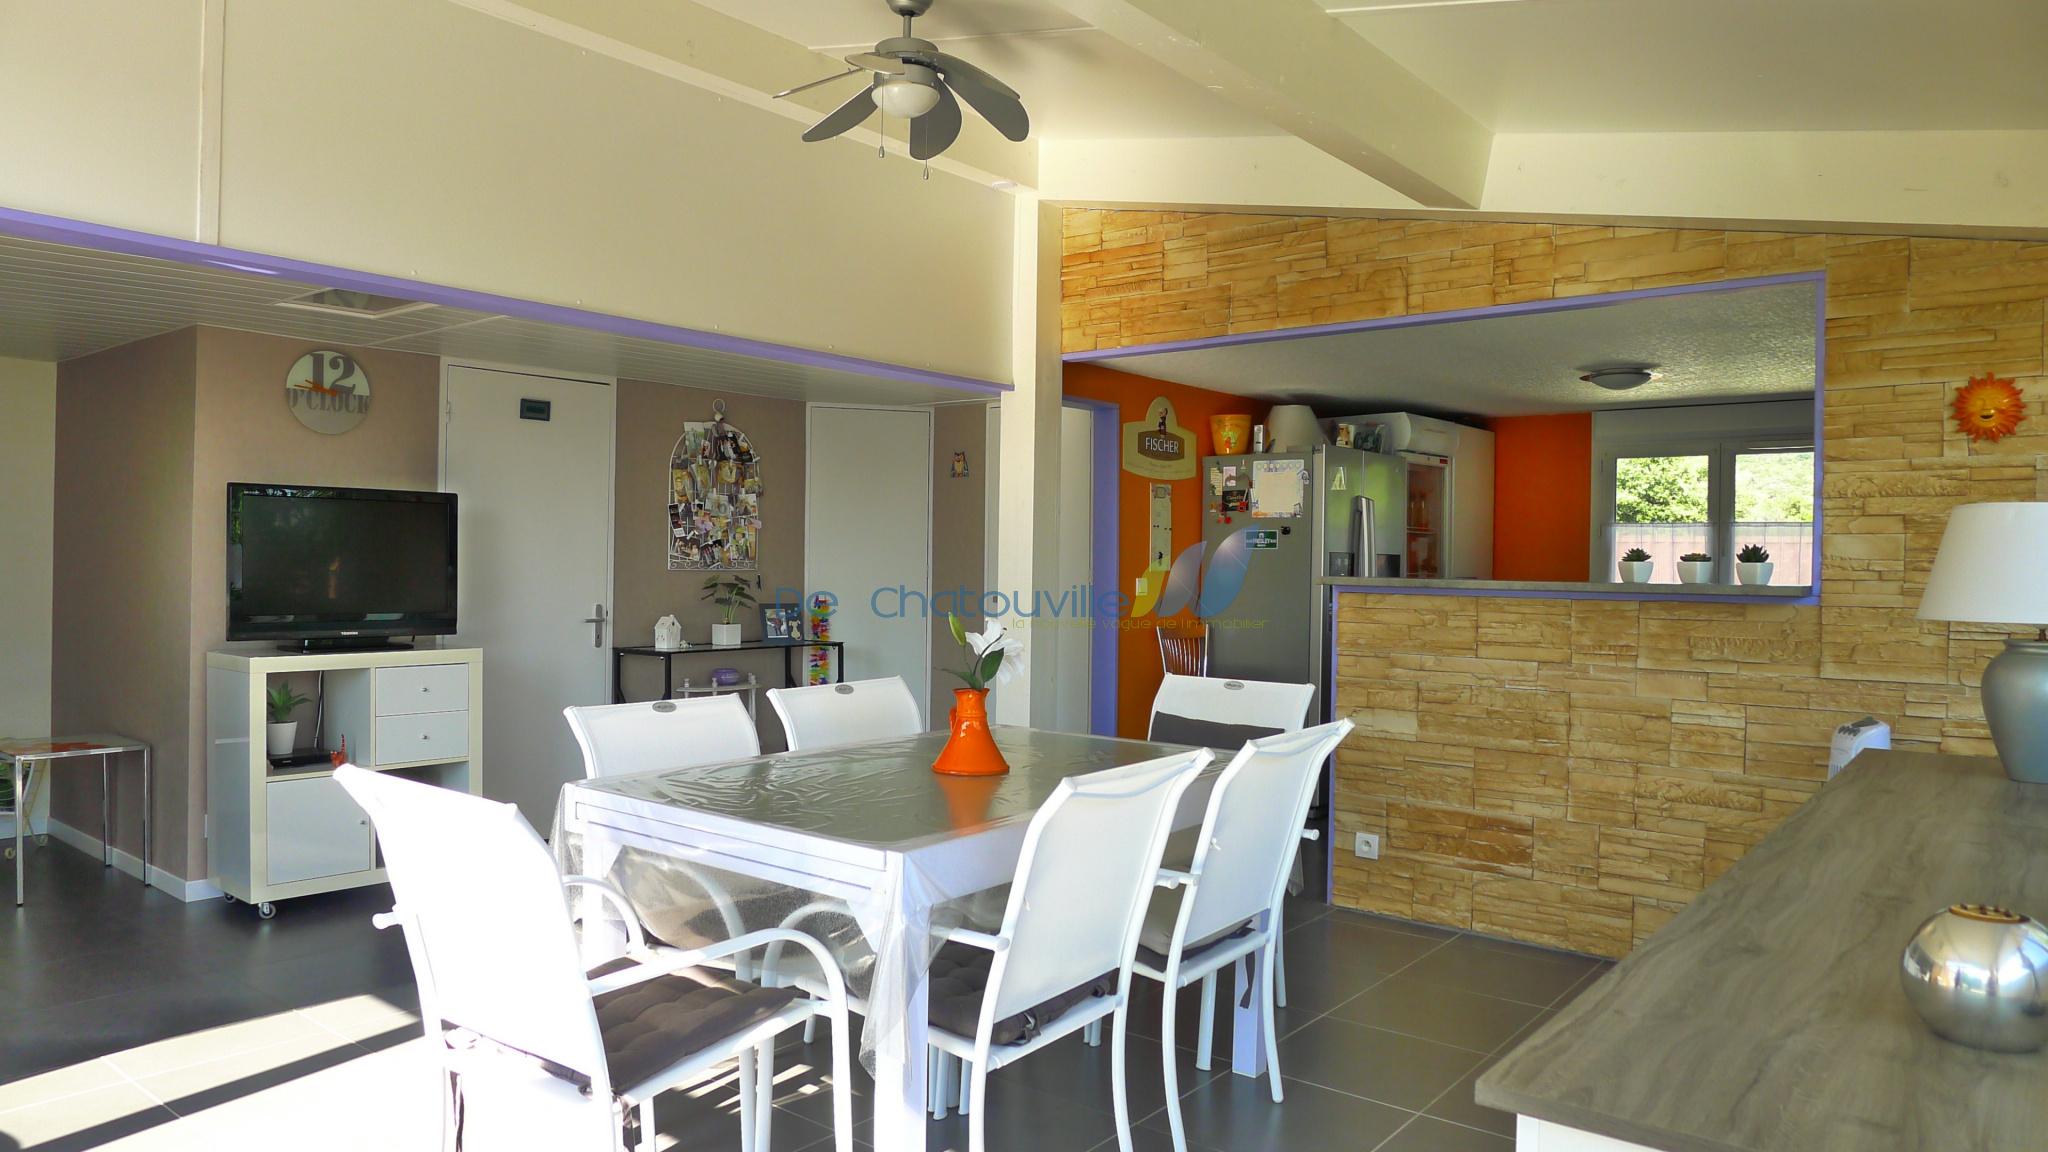 Vente maison villa habitation de 60m2 dans domaine for Vente habitation